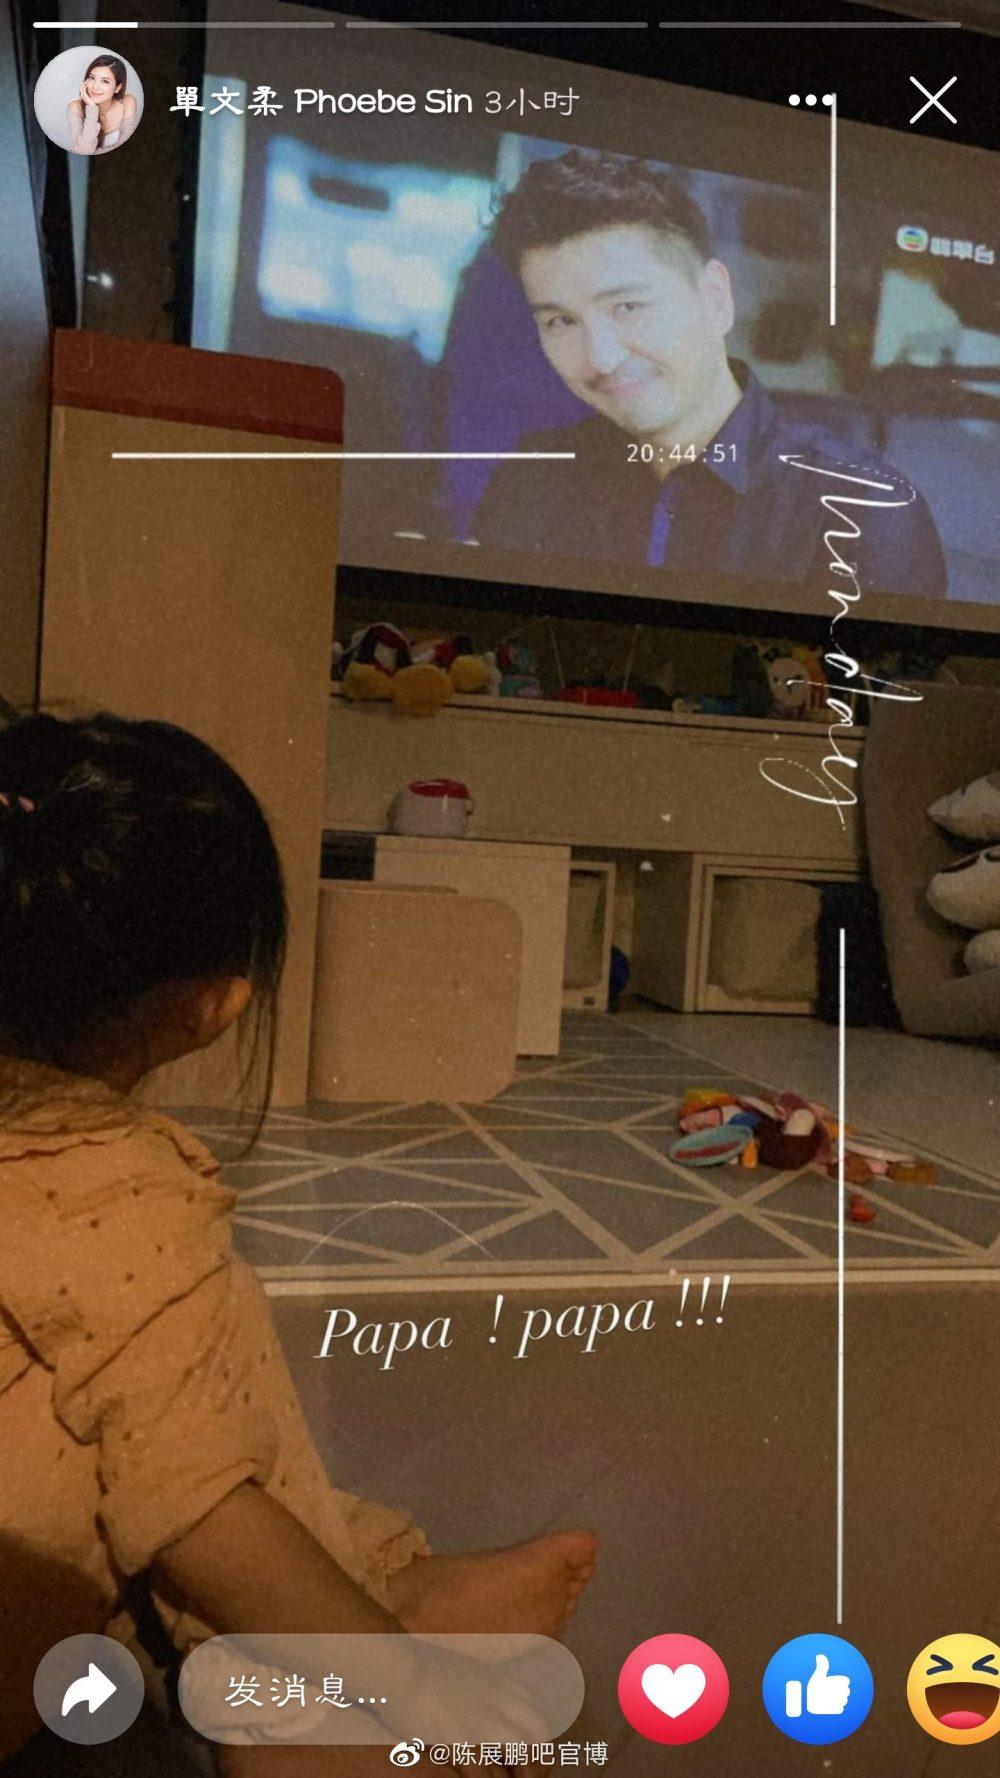 心被萌化了!2岁女儿奶音应援新剧,陈展鹏:最窝心的支持-Woah.MY